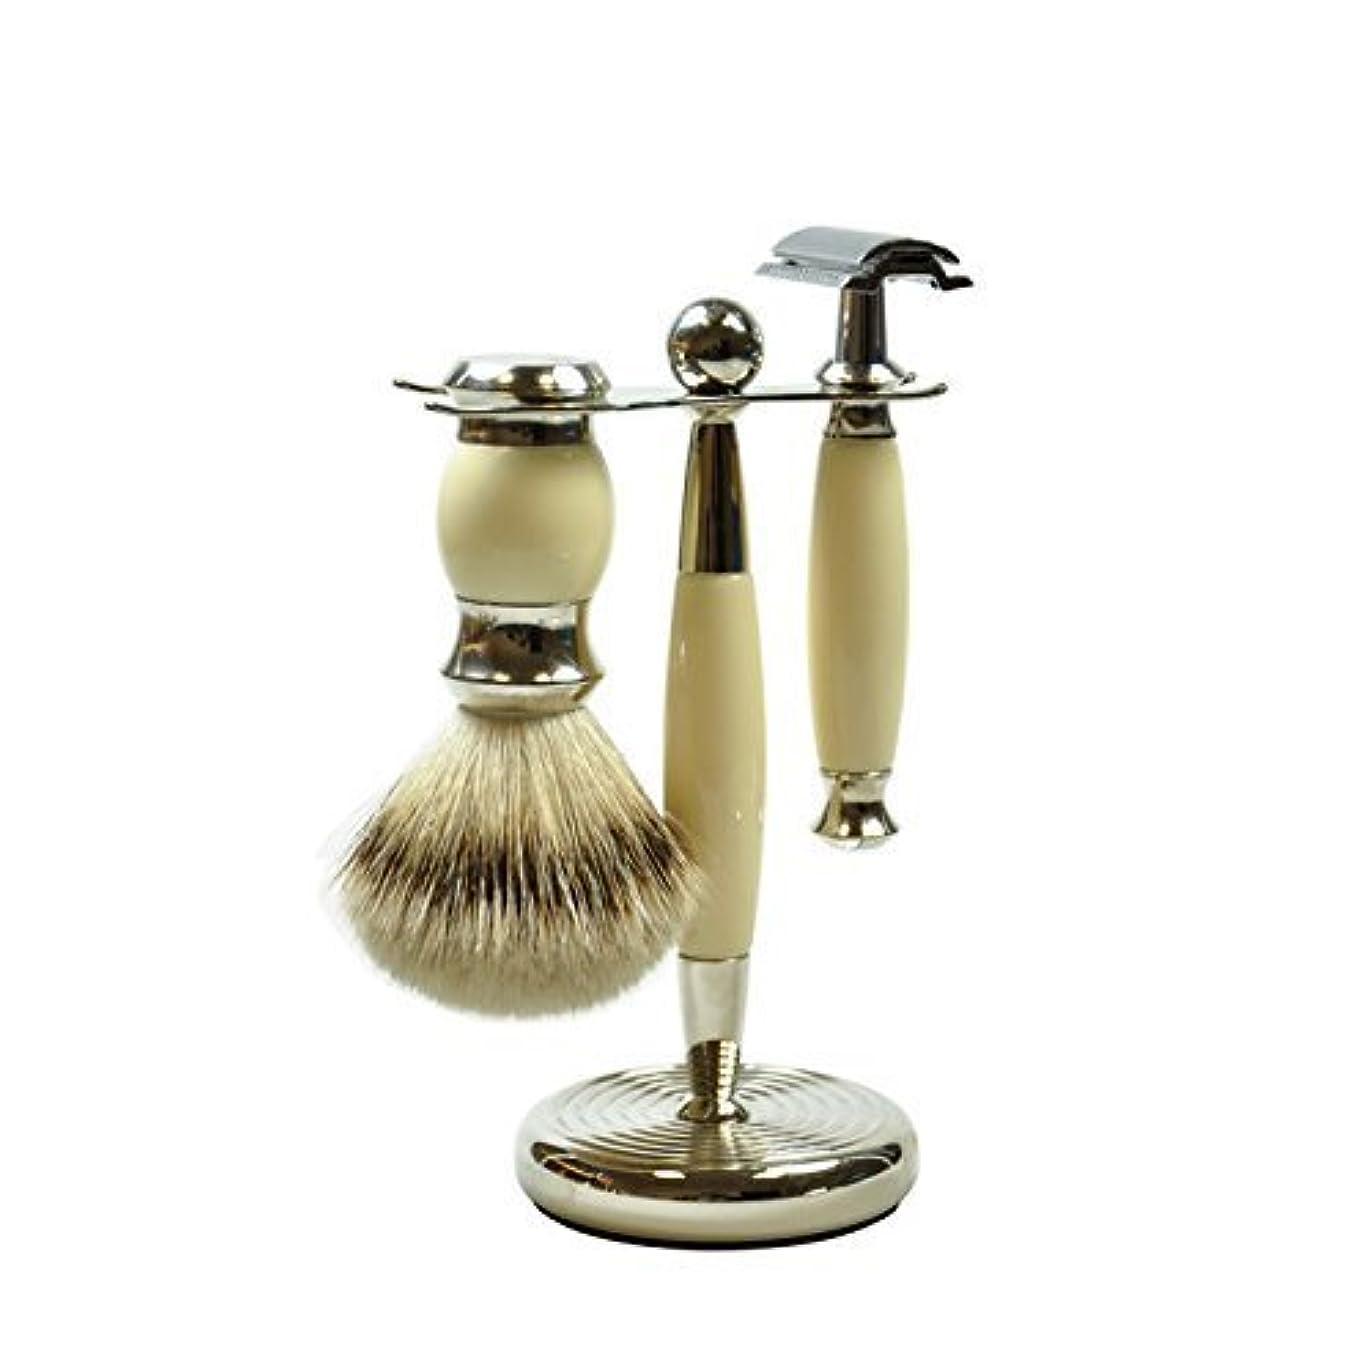 部屋を掃除するカール約GOLDDACHS Shaving Set, Safety razor, silvertip badger hair, white/silver